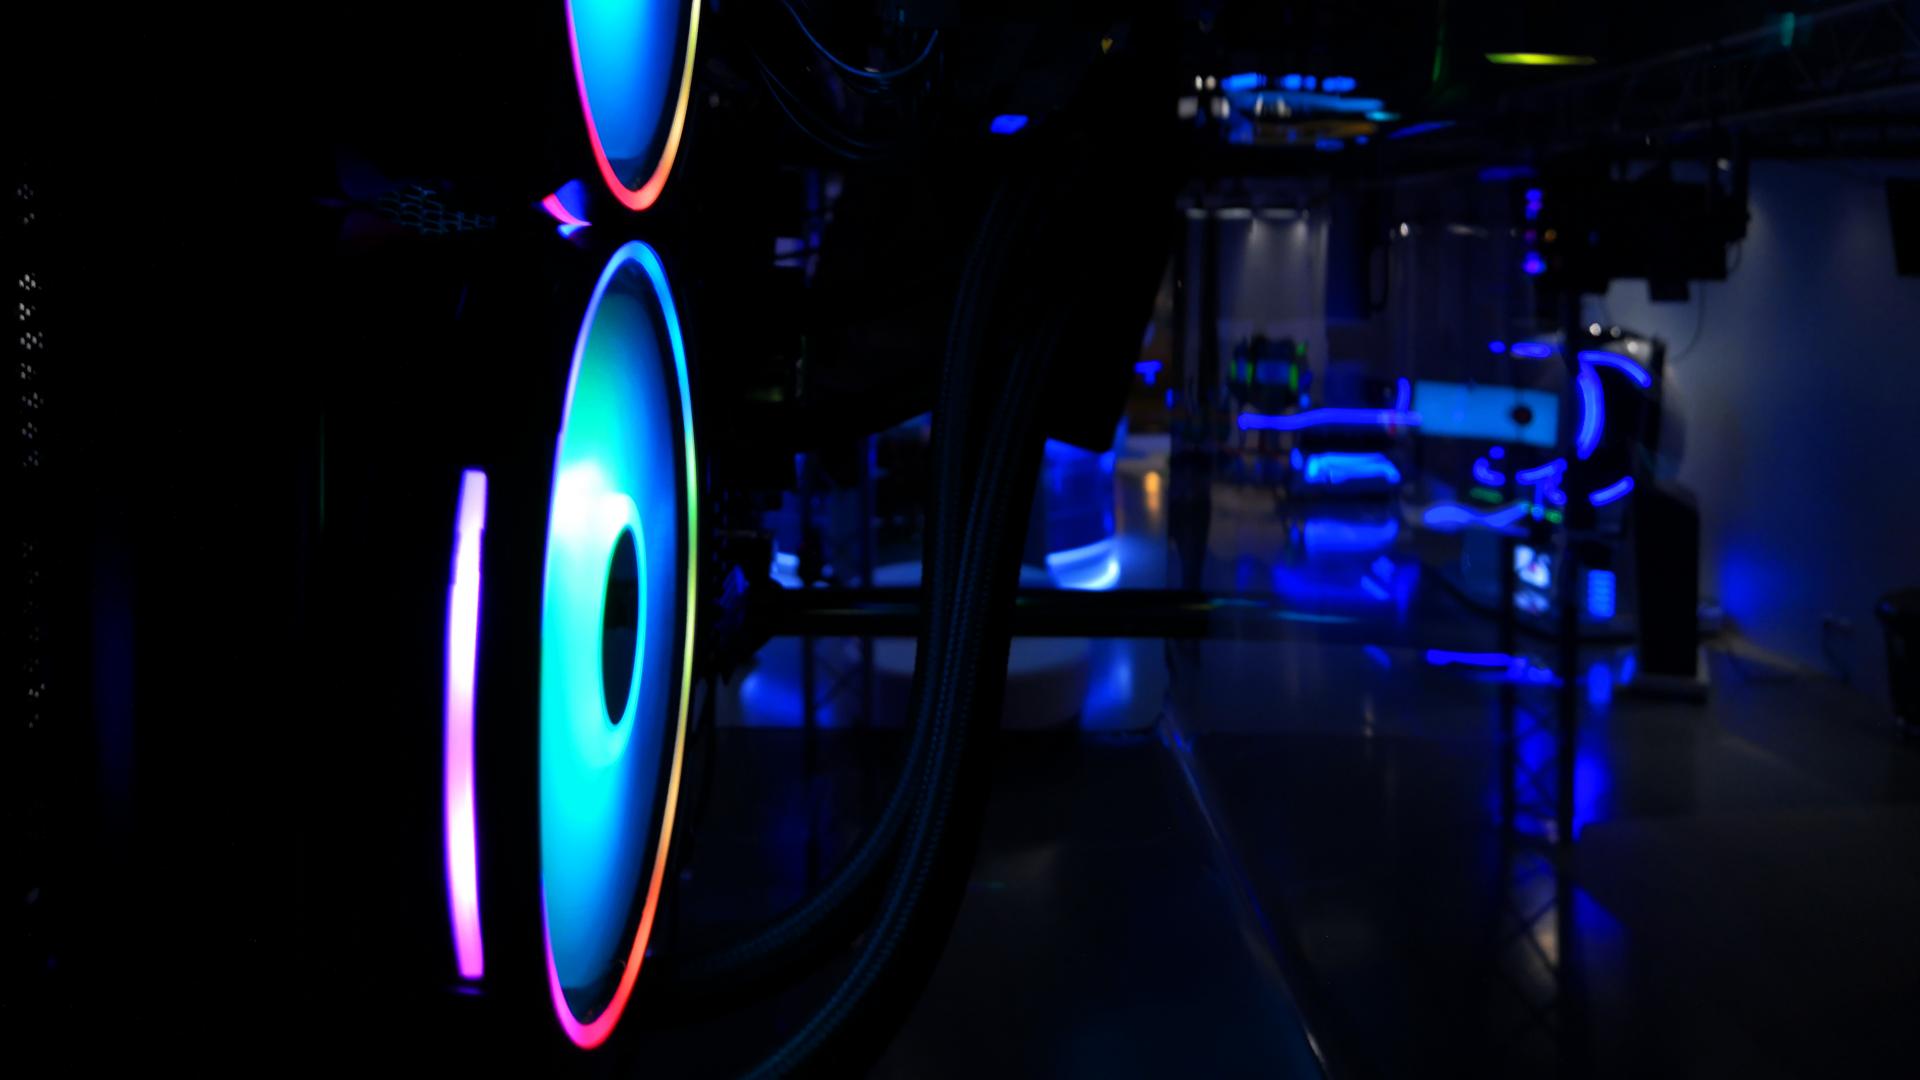 PC VR